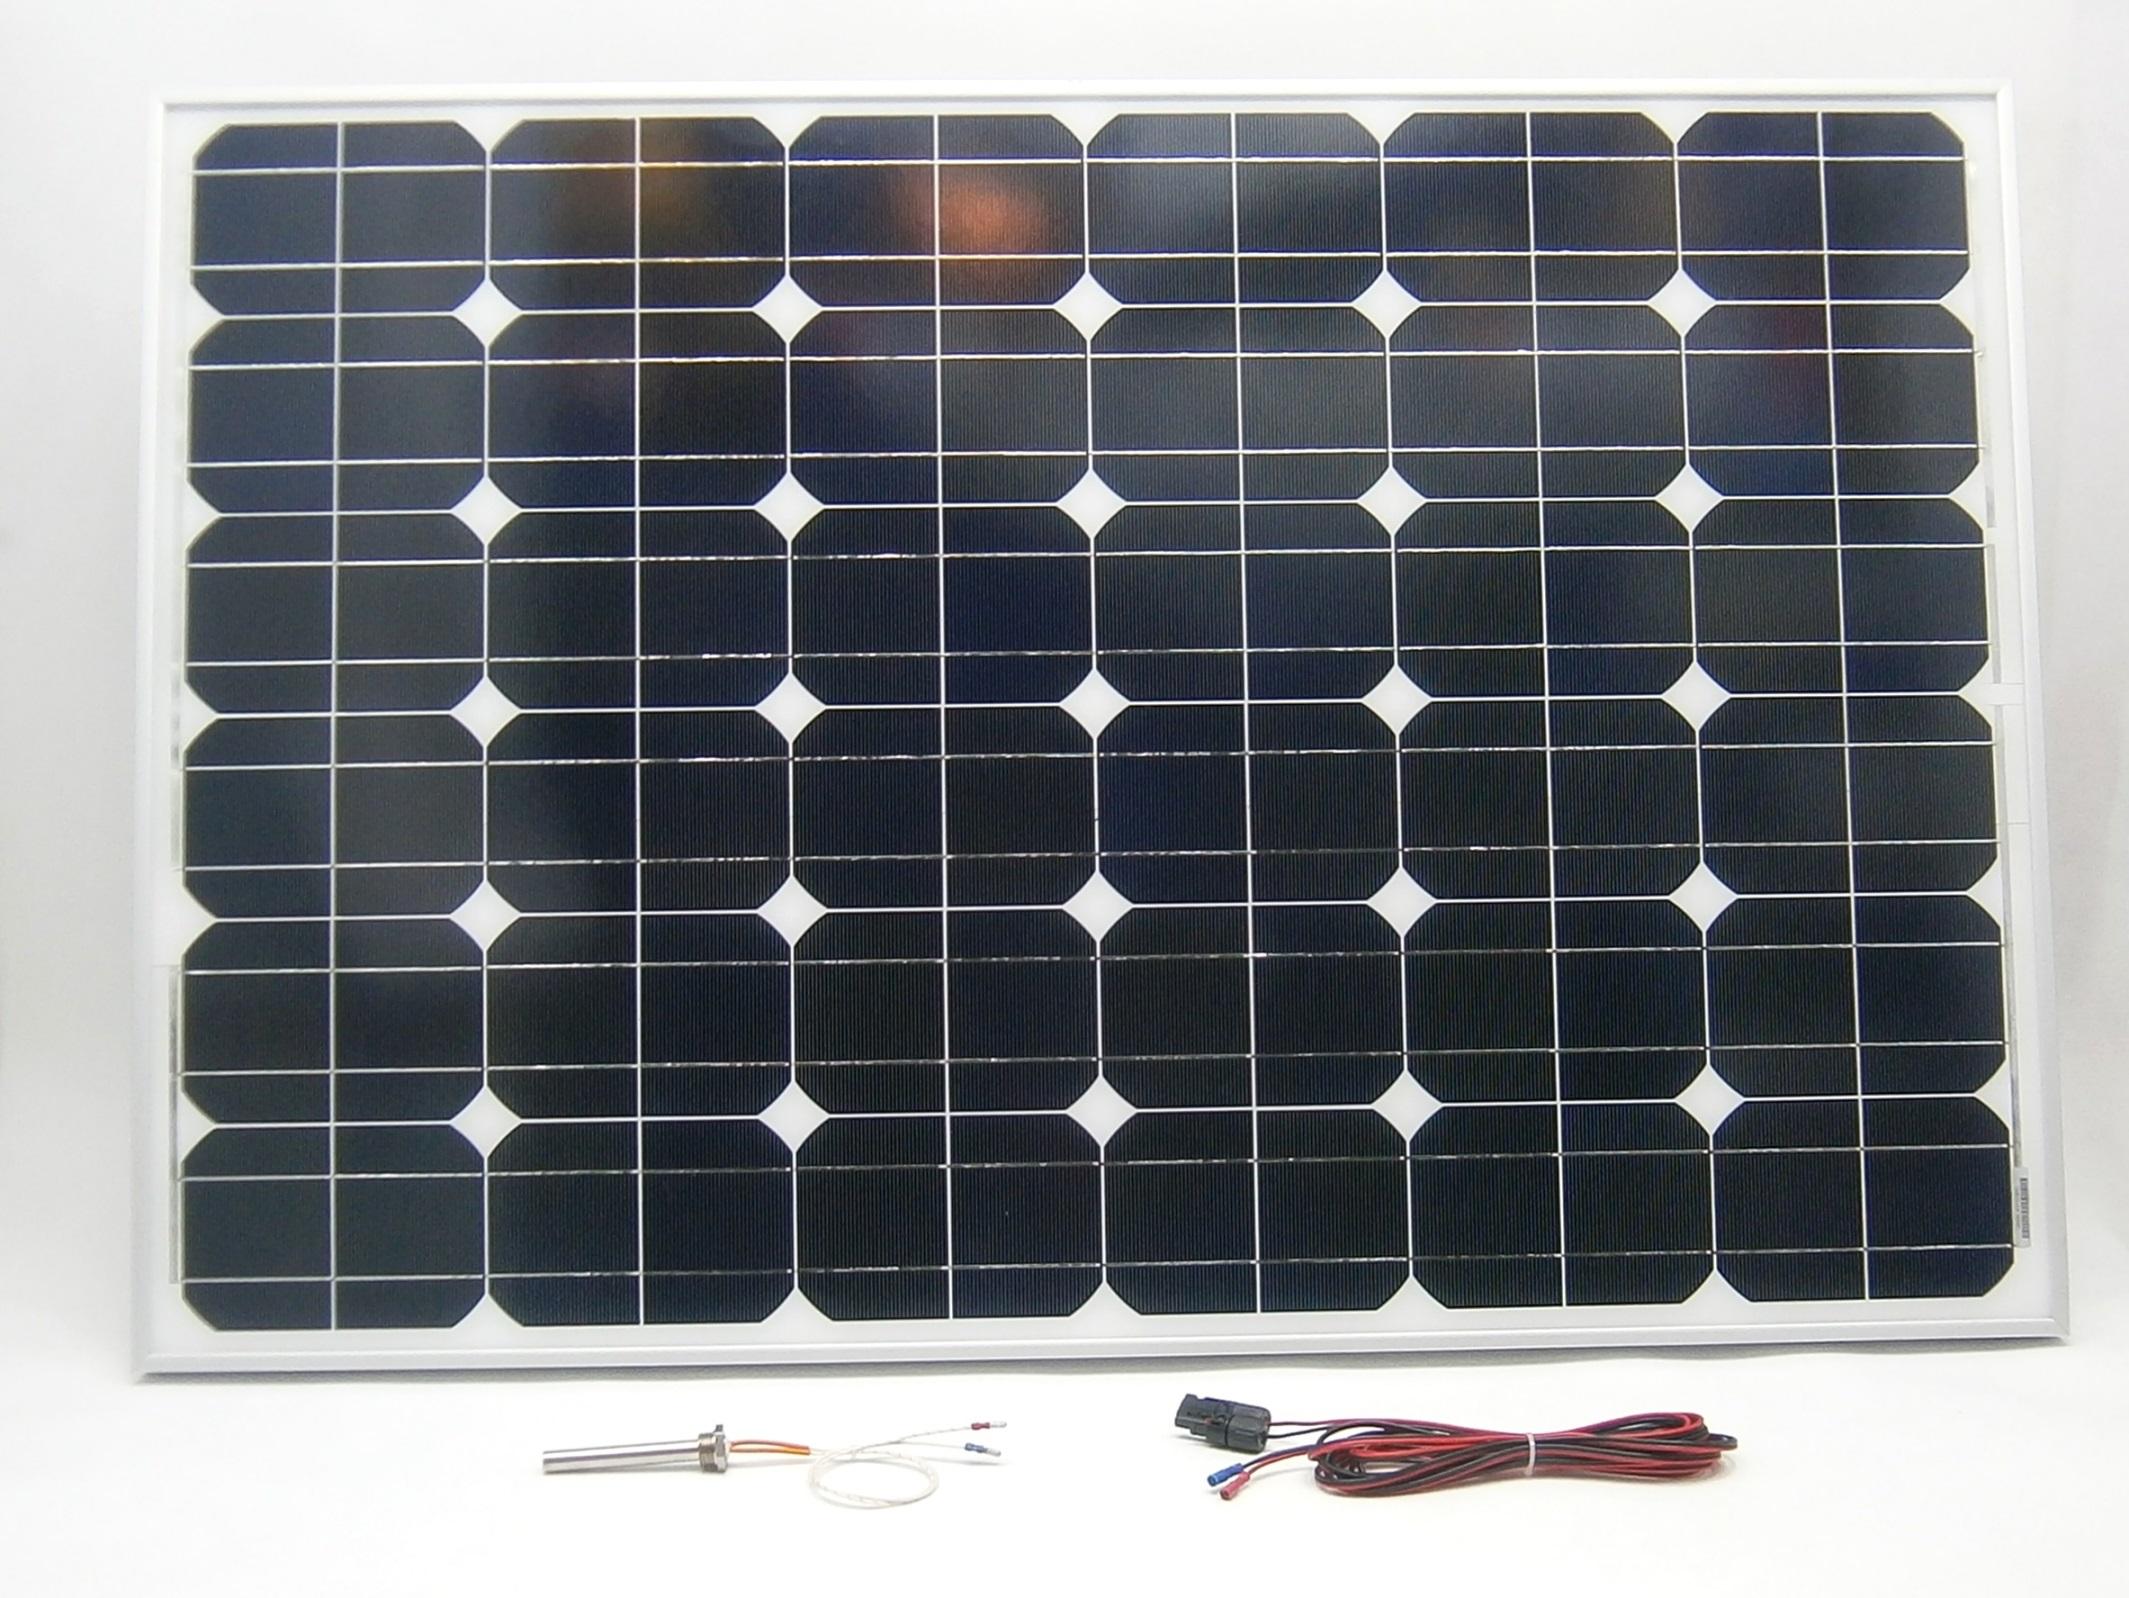 Solární sytém pro ohřev SOV58